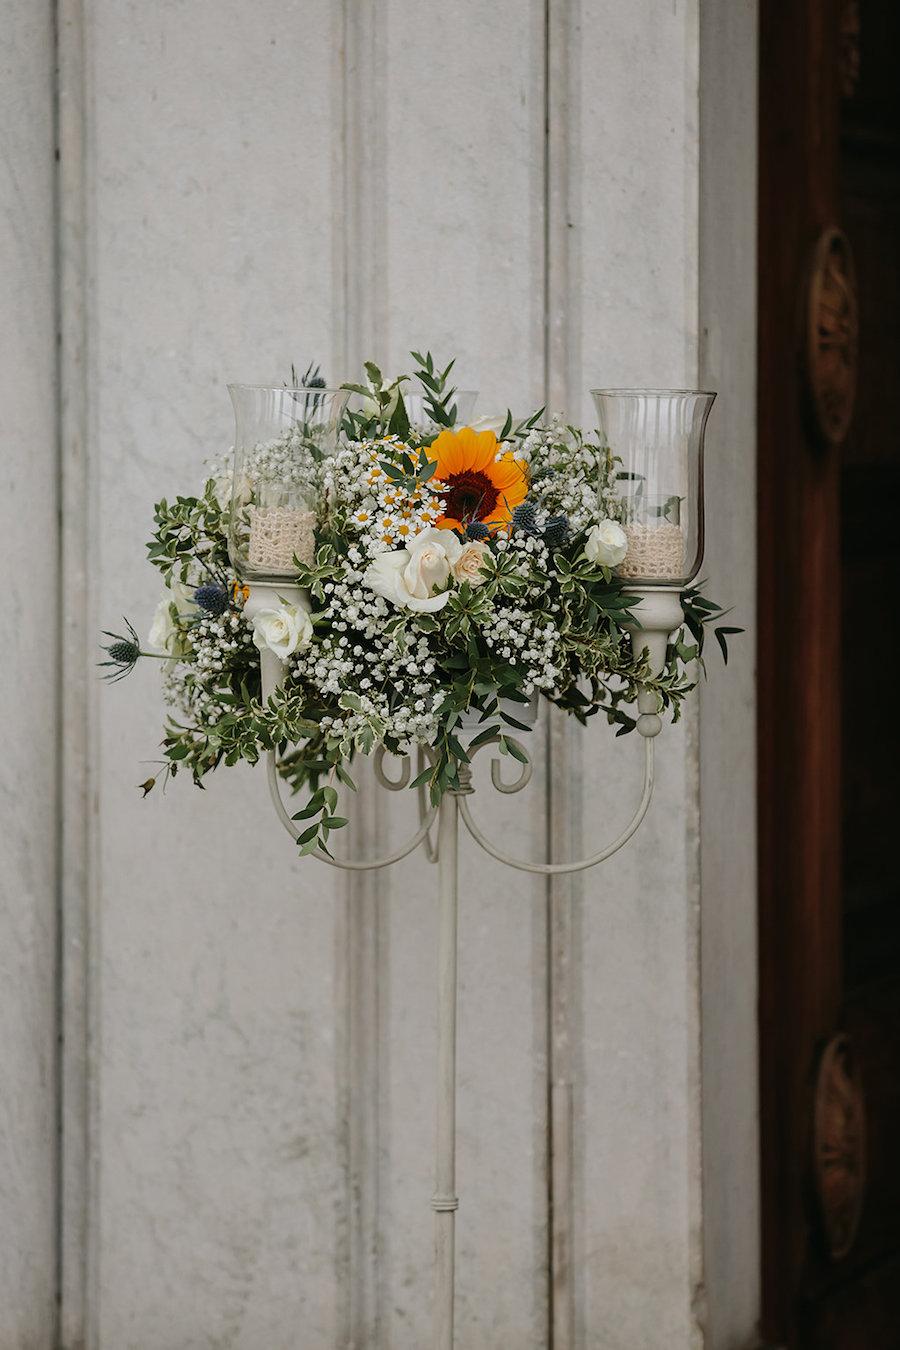 Guestbook Matrimonio Girasoli : Girasoli per un matrimonio organizzato dallo sposo wedding